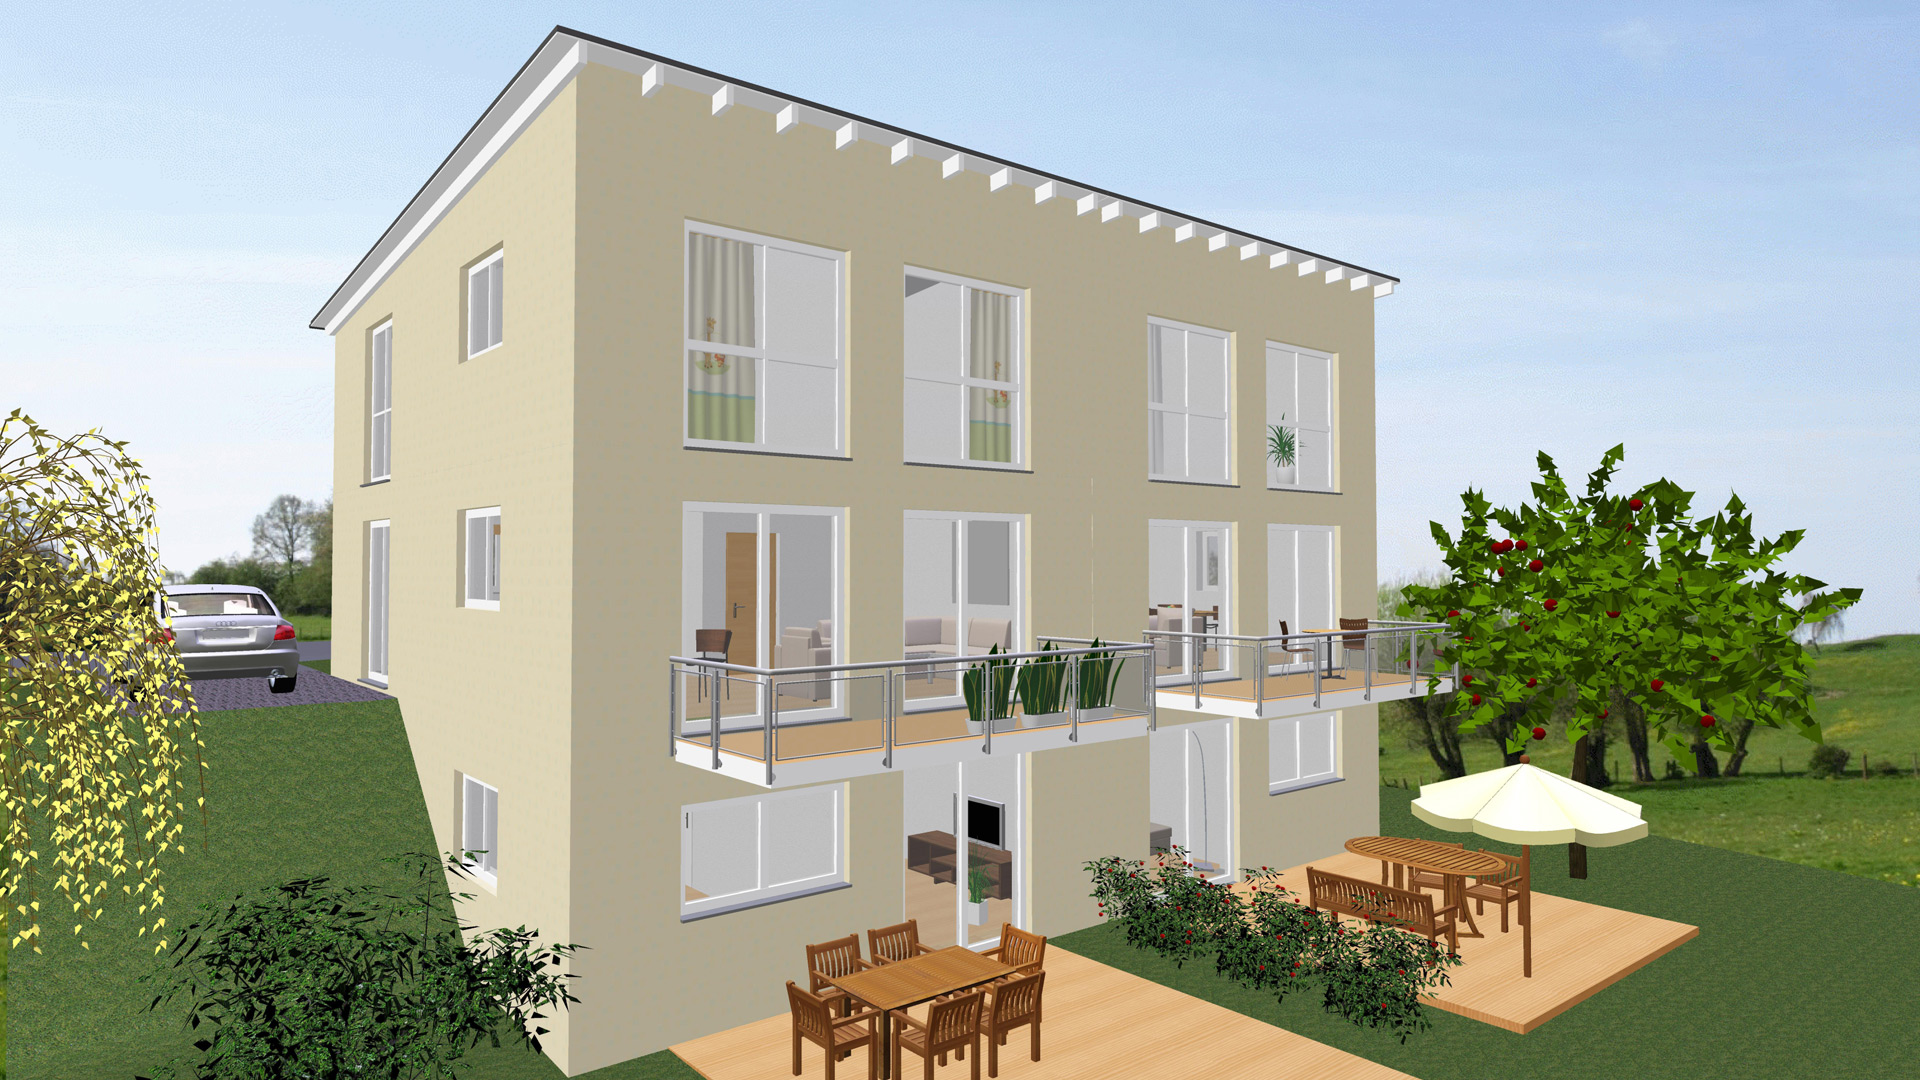 Wohnbaukonzept Gmbh Ausgewählte Planungsideen